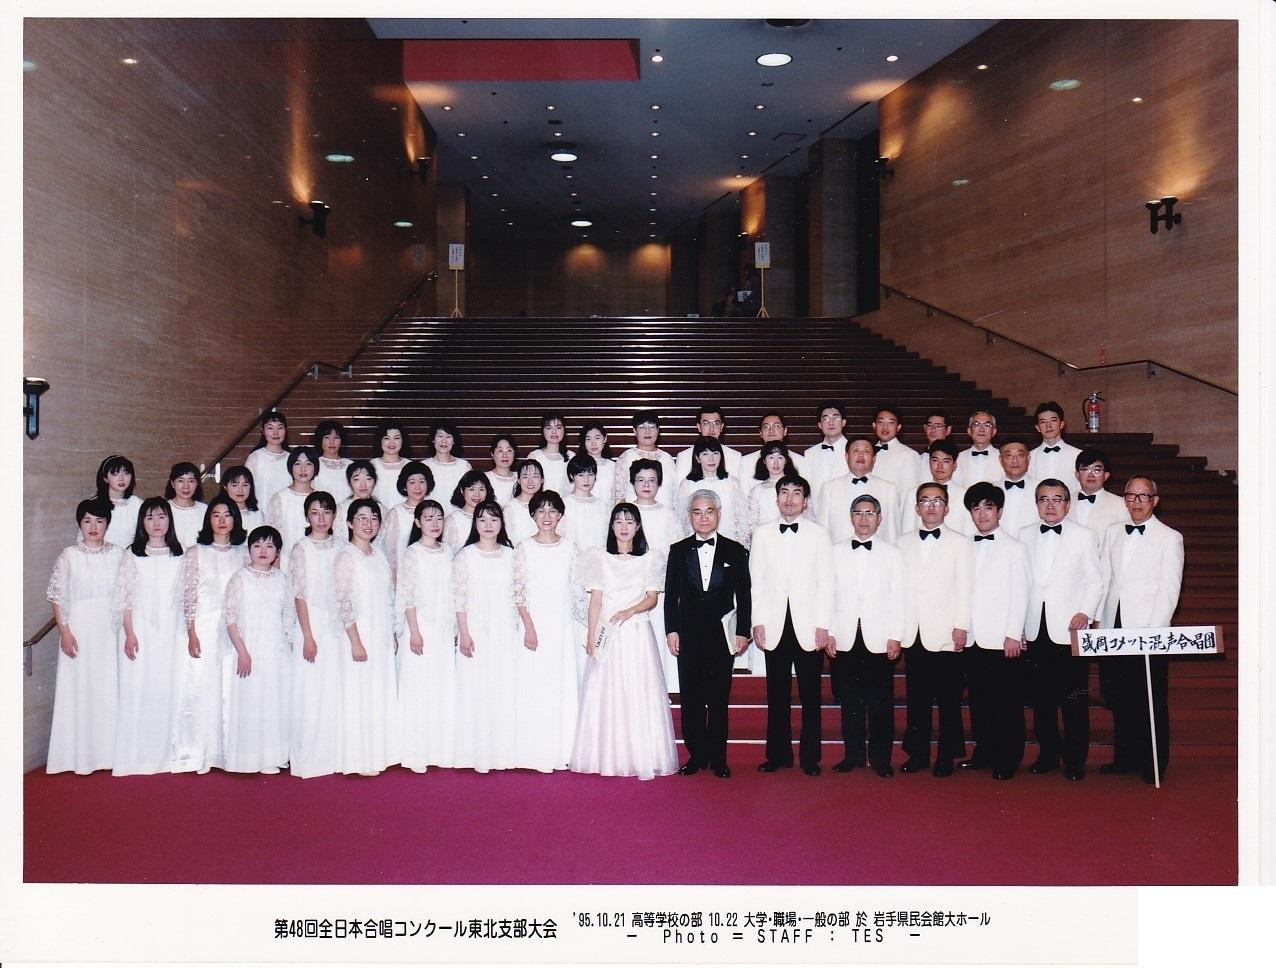 第48回全日本合唱コンクール_c0125004_17312784.jpg